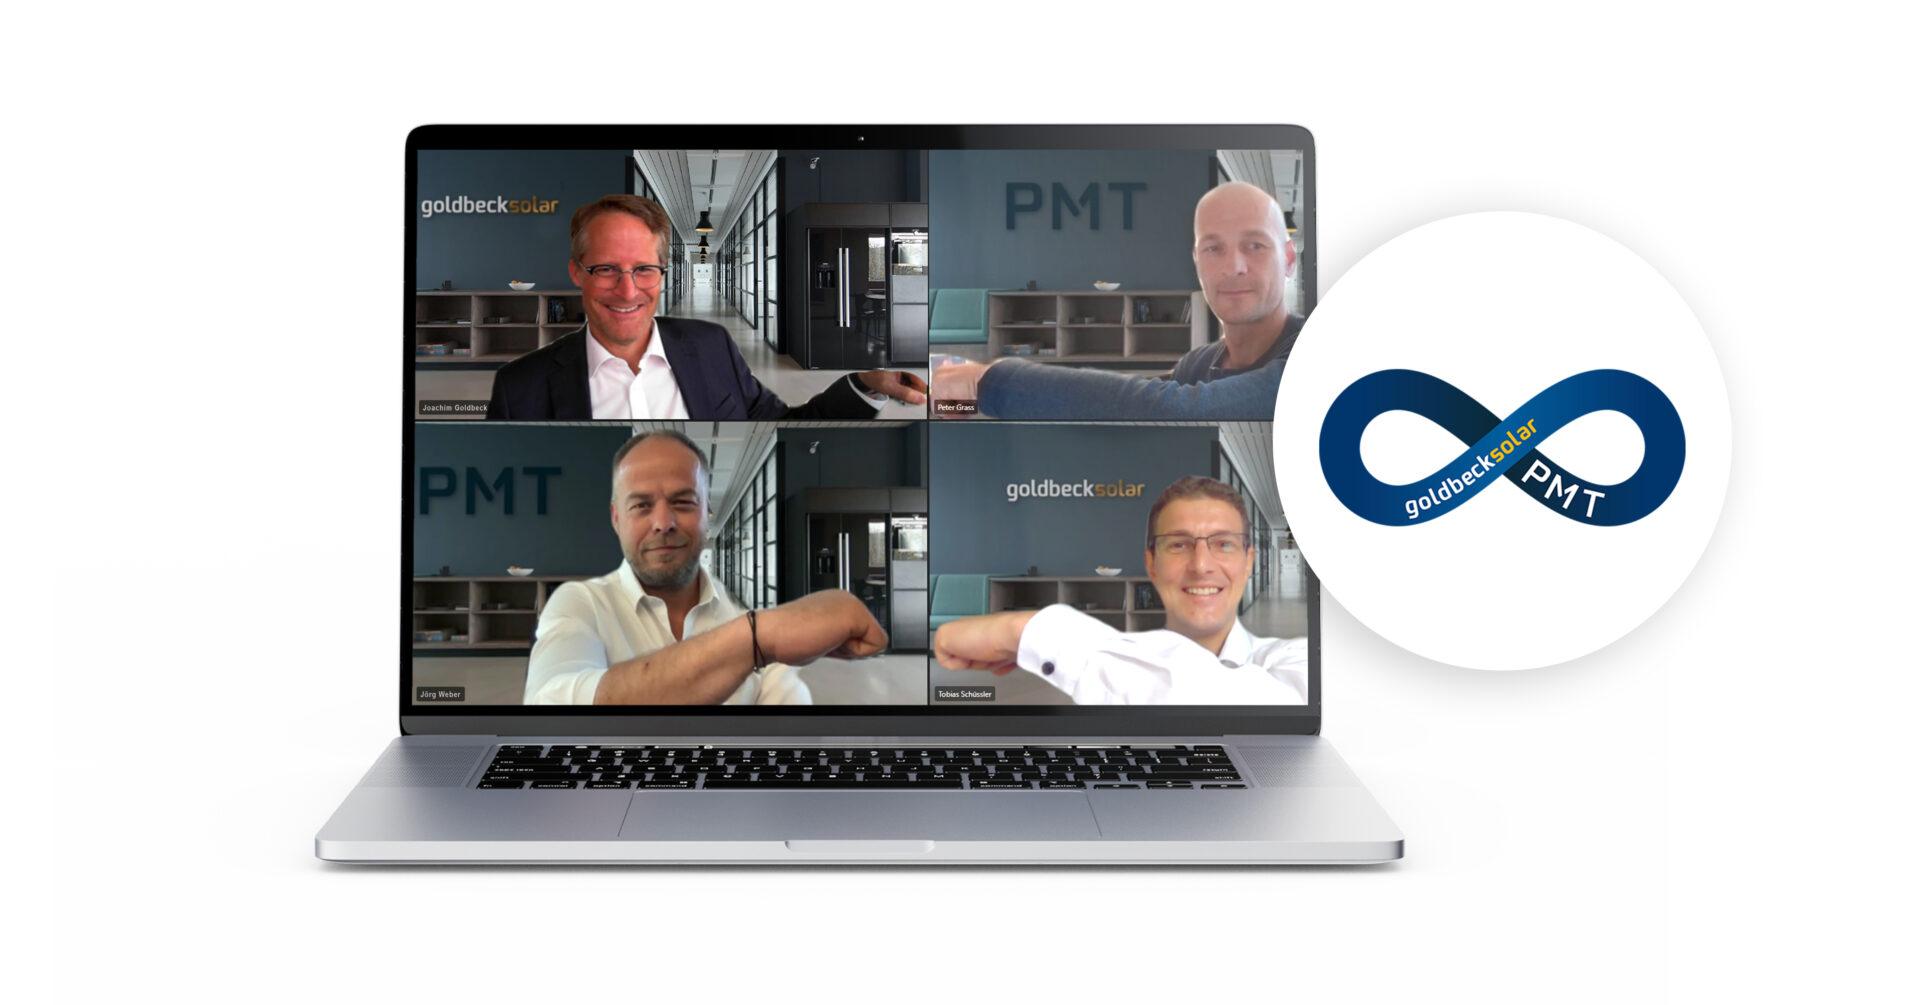 GOLDBECK SOLAR und PMT arbeiten künftig enger zusammen. Das Foto zeigt die Geschäftsführer beider Unternehmen beim virtuellen Handshake.